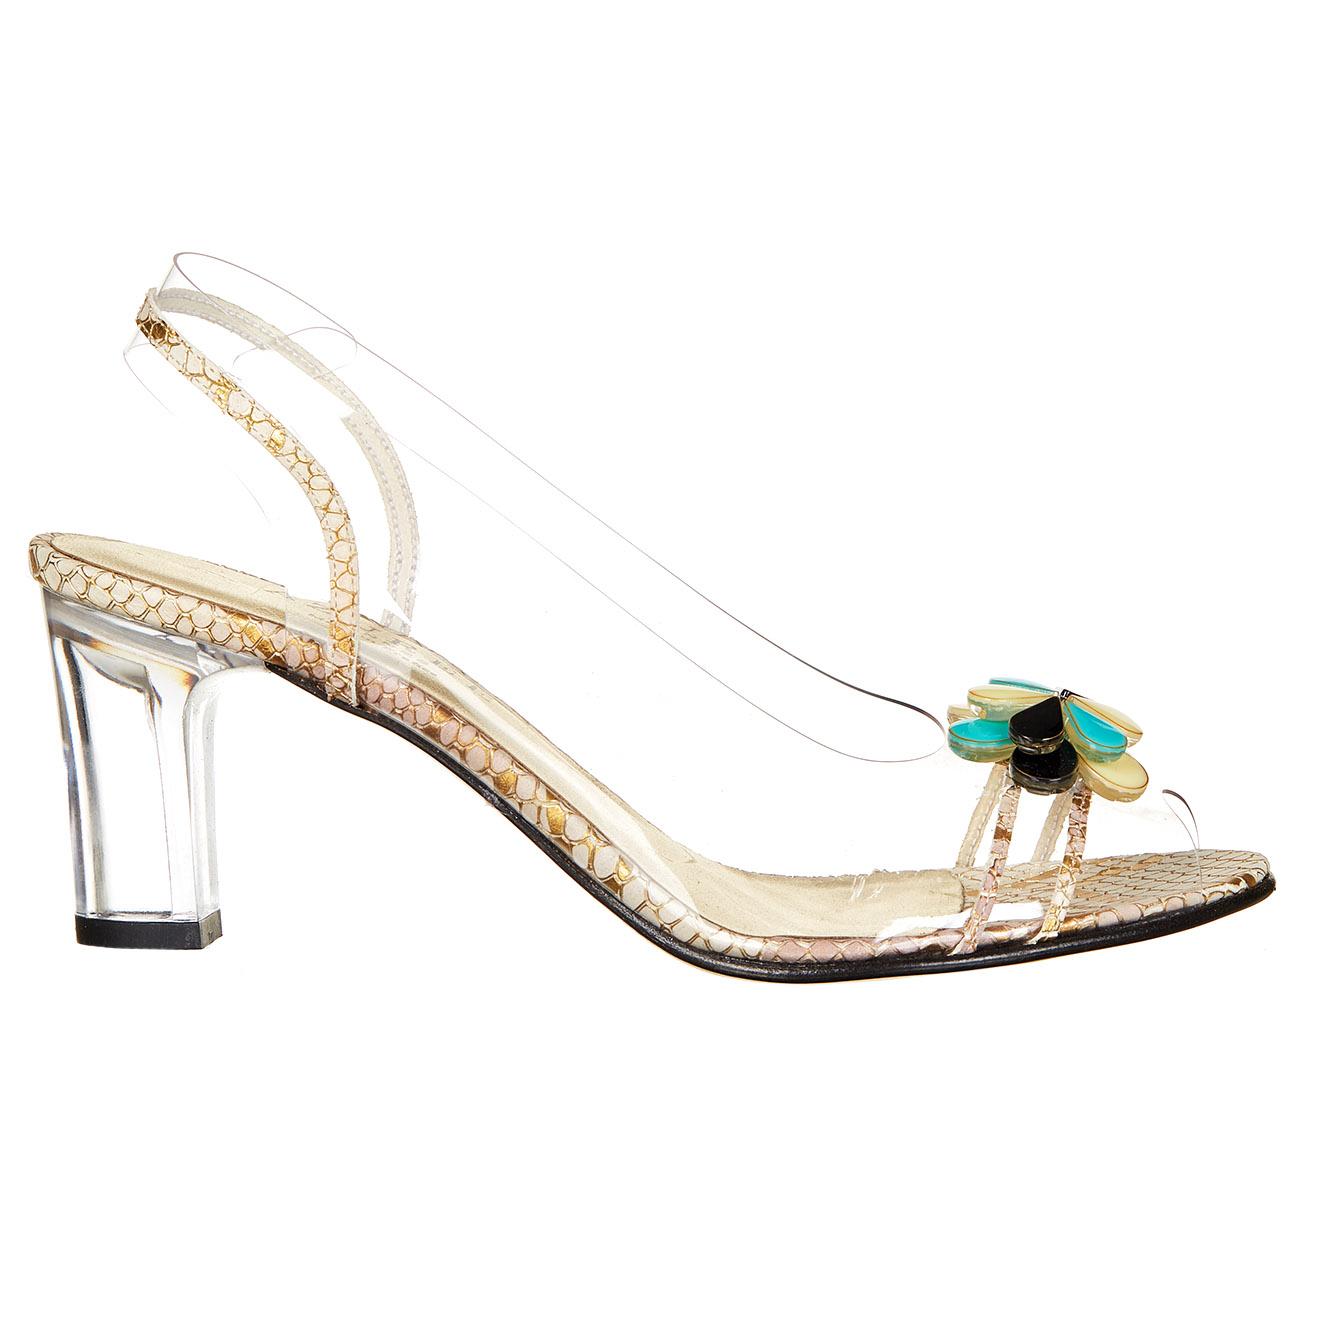 Sandales Naple dorées - Talon 6 cm